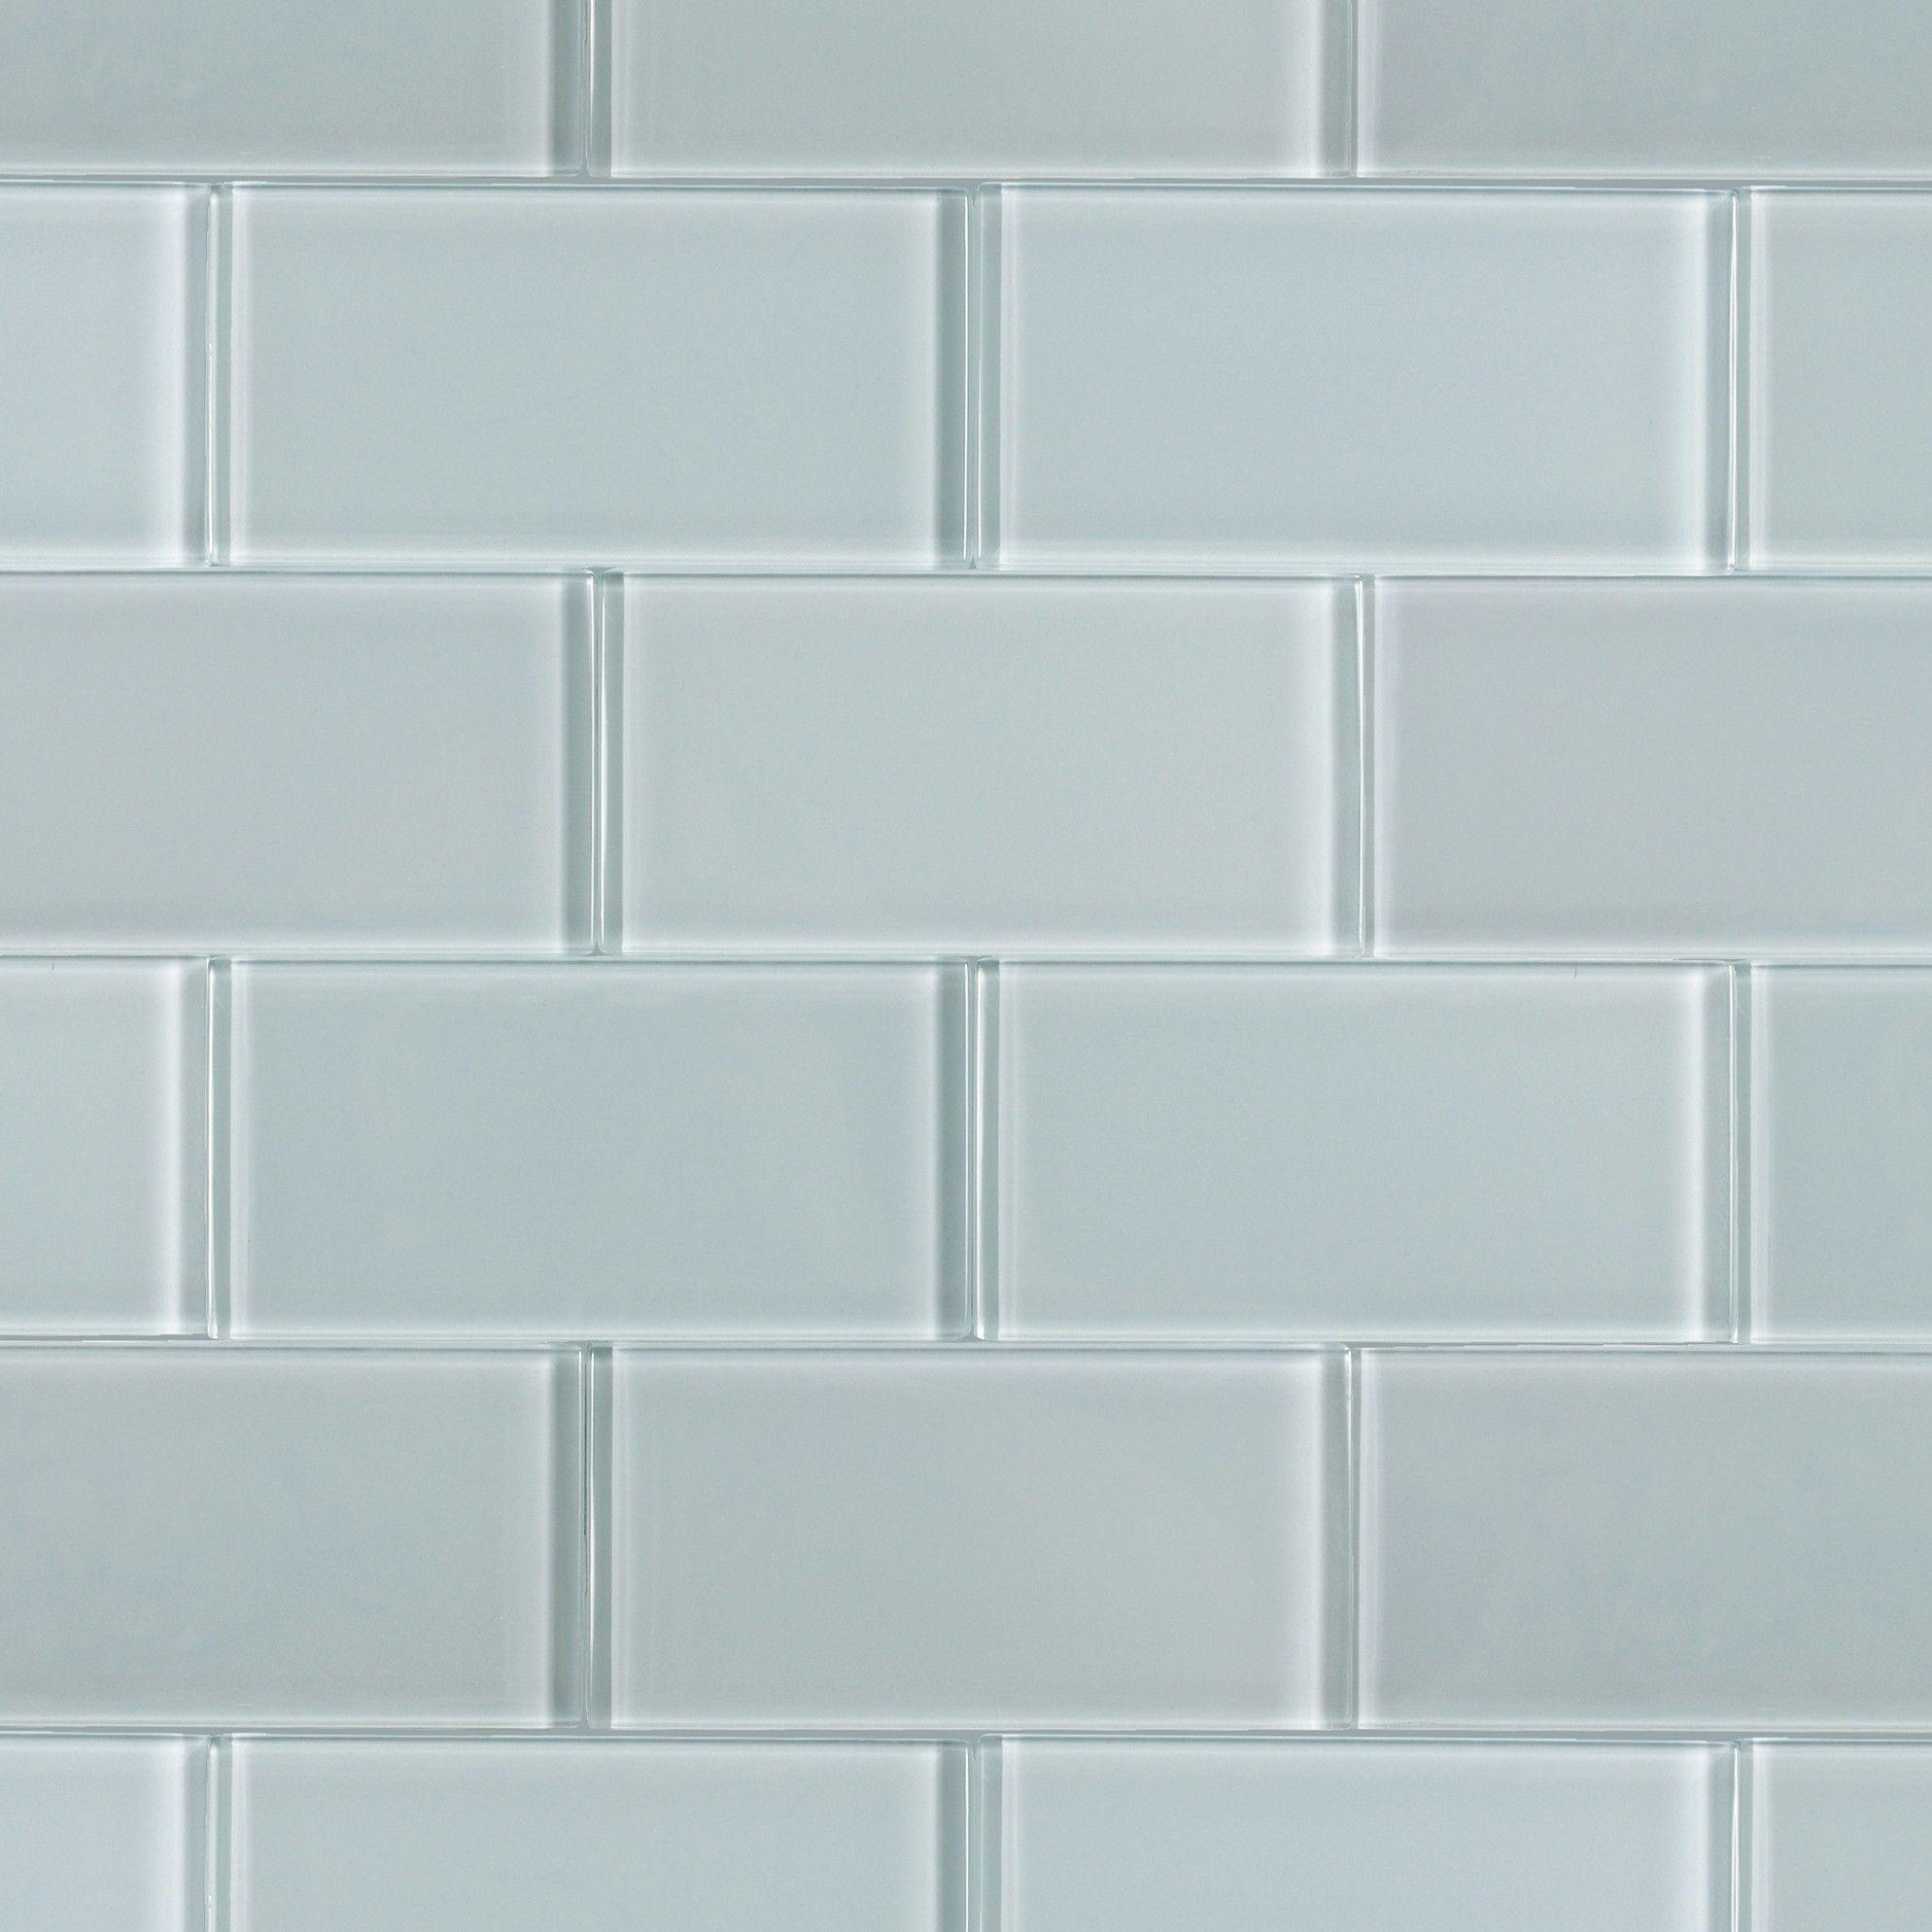 loft natural white 3x6 polished glass